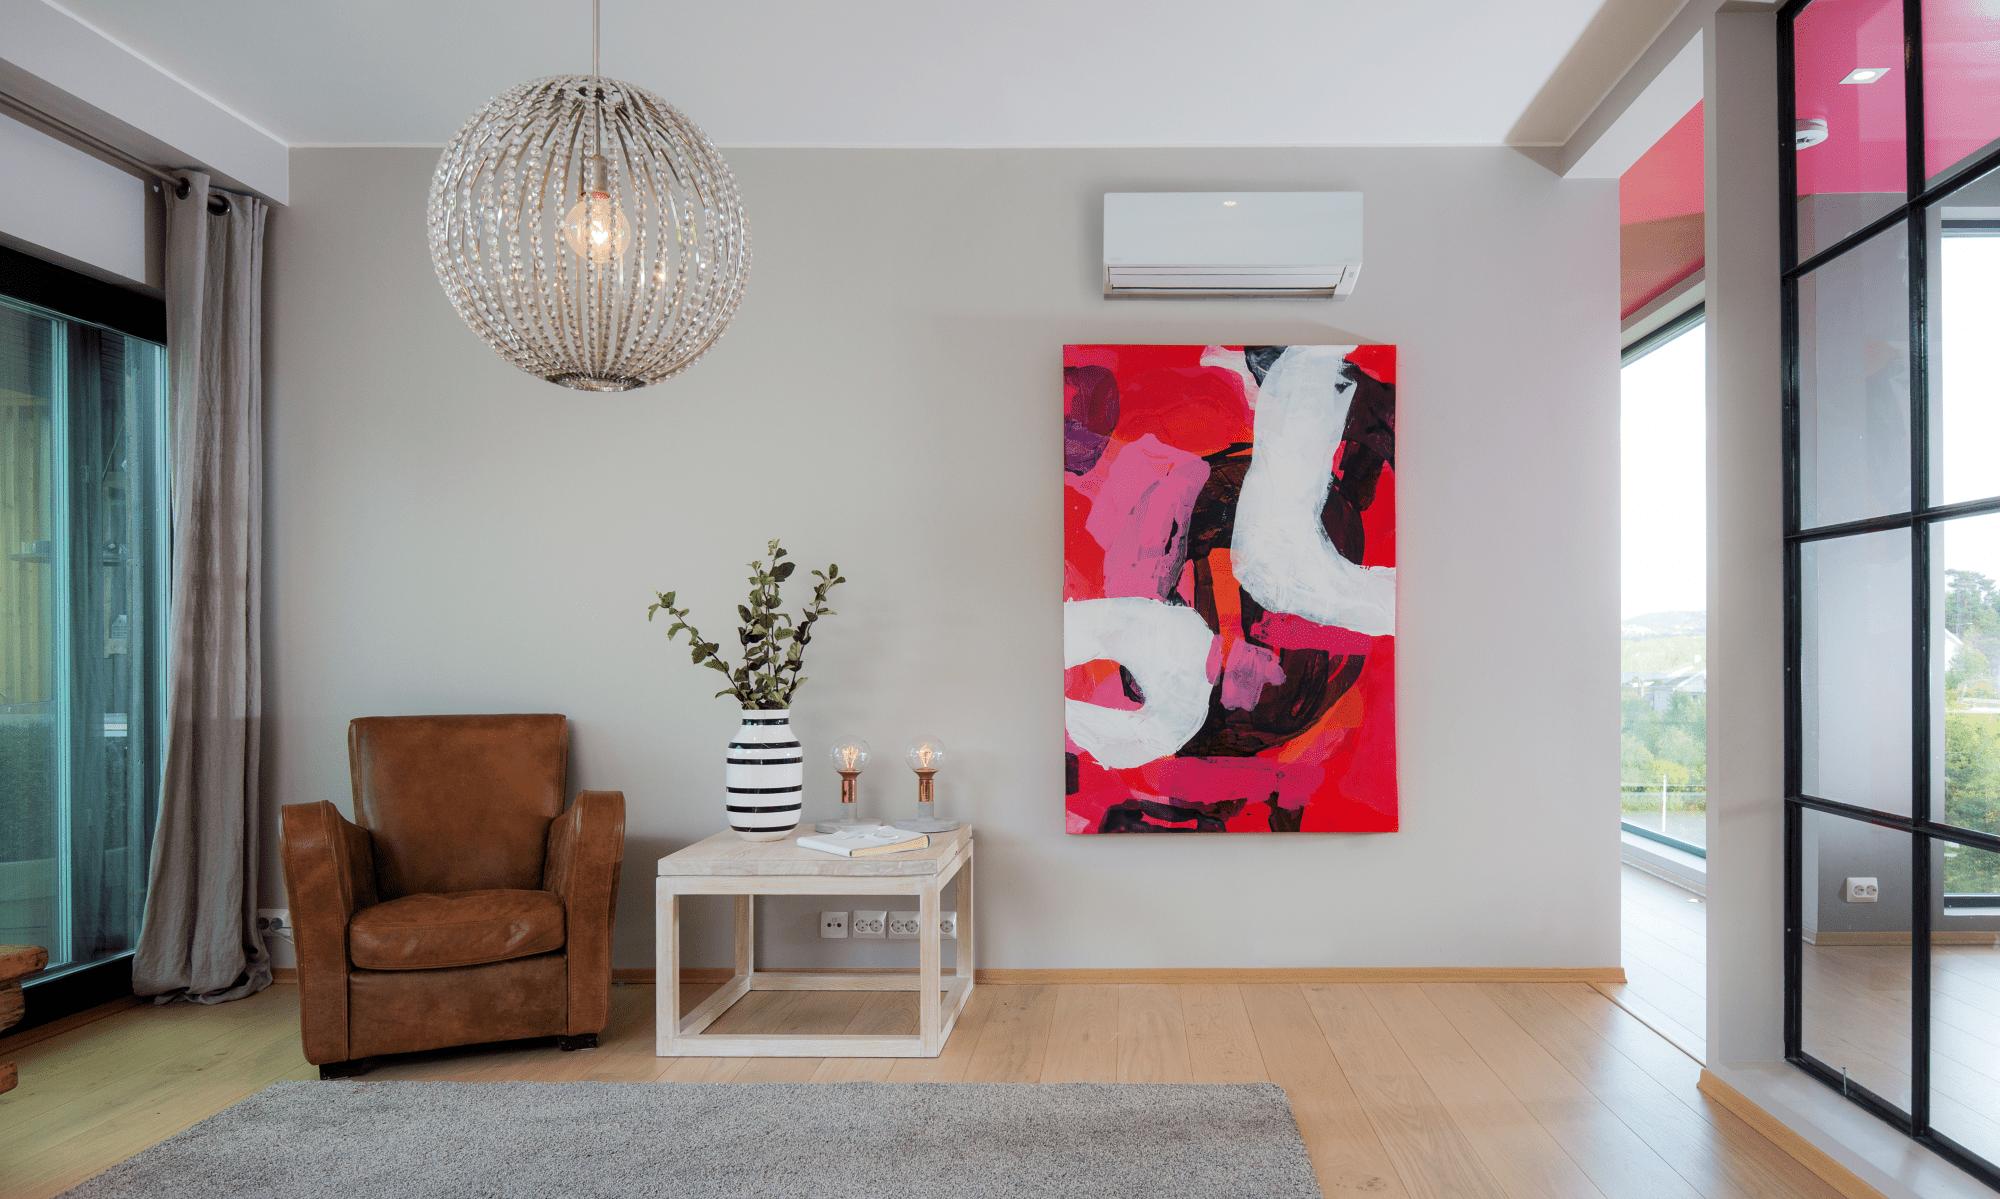 Varmepumper og varmepumpeservice - Spar Energi AS